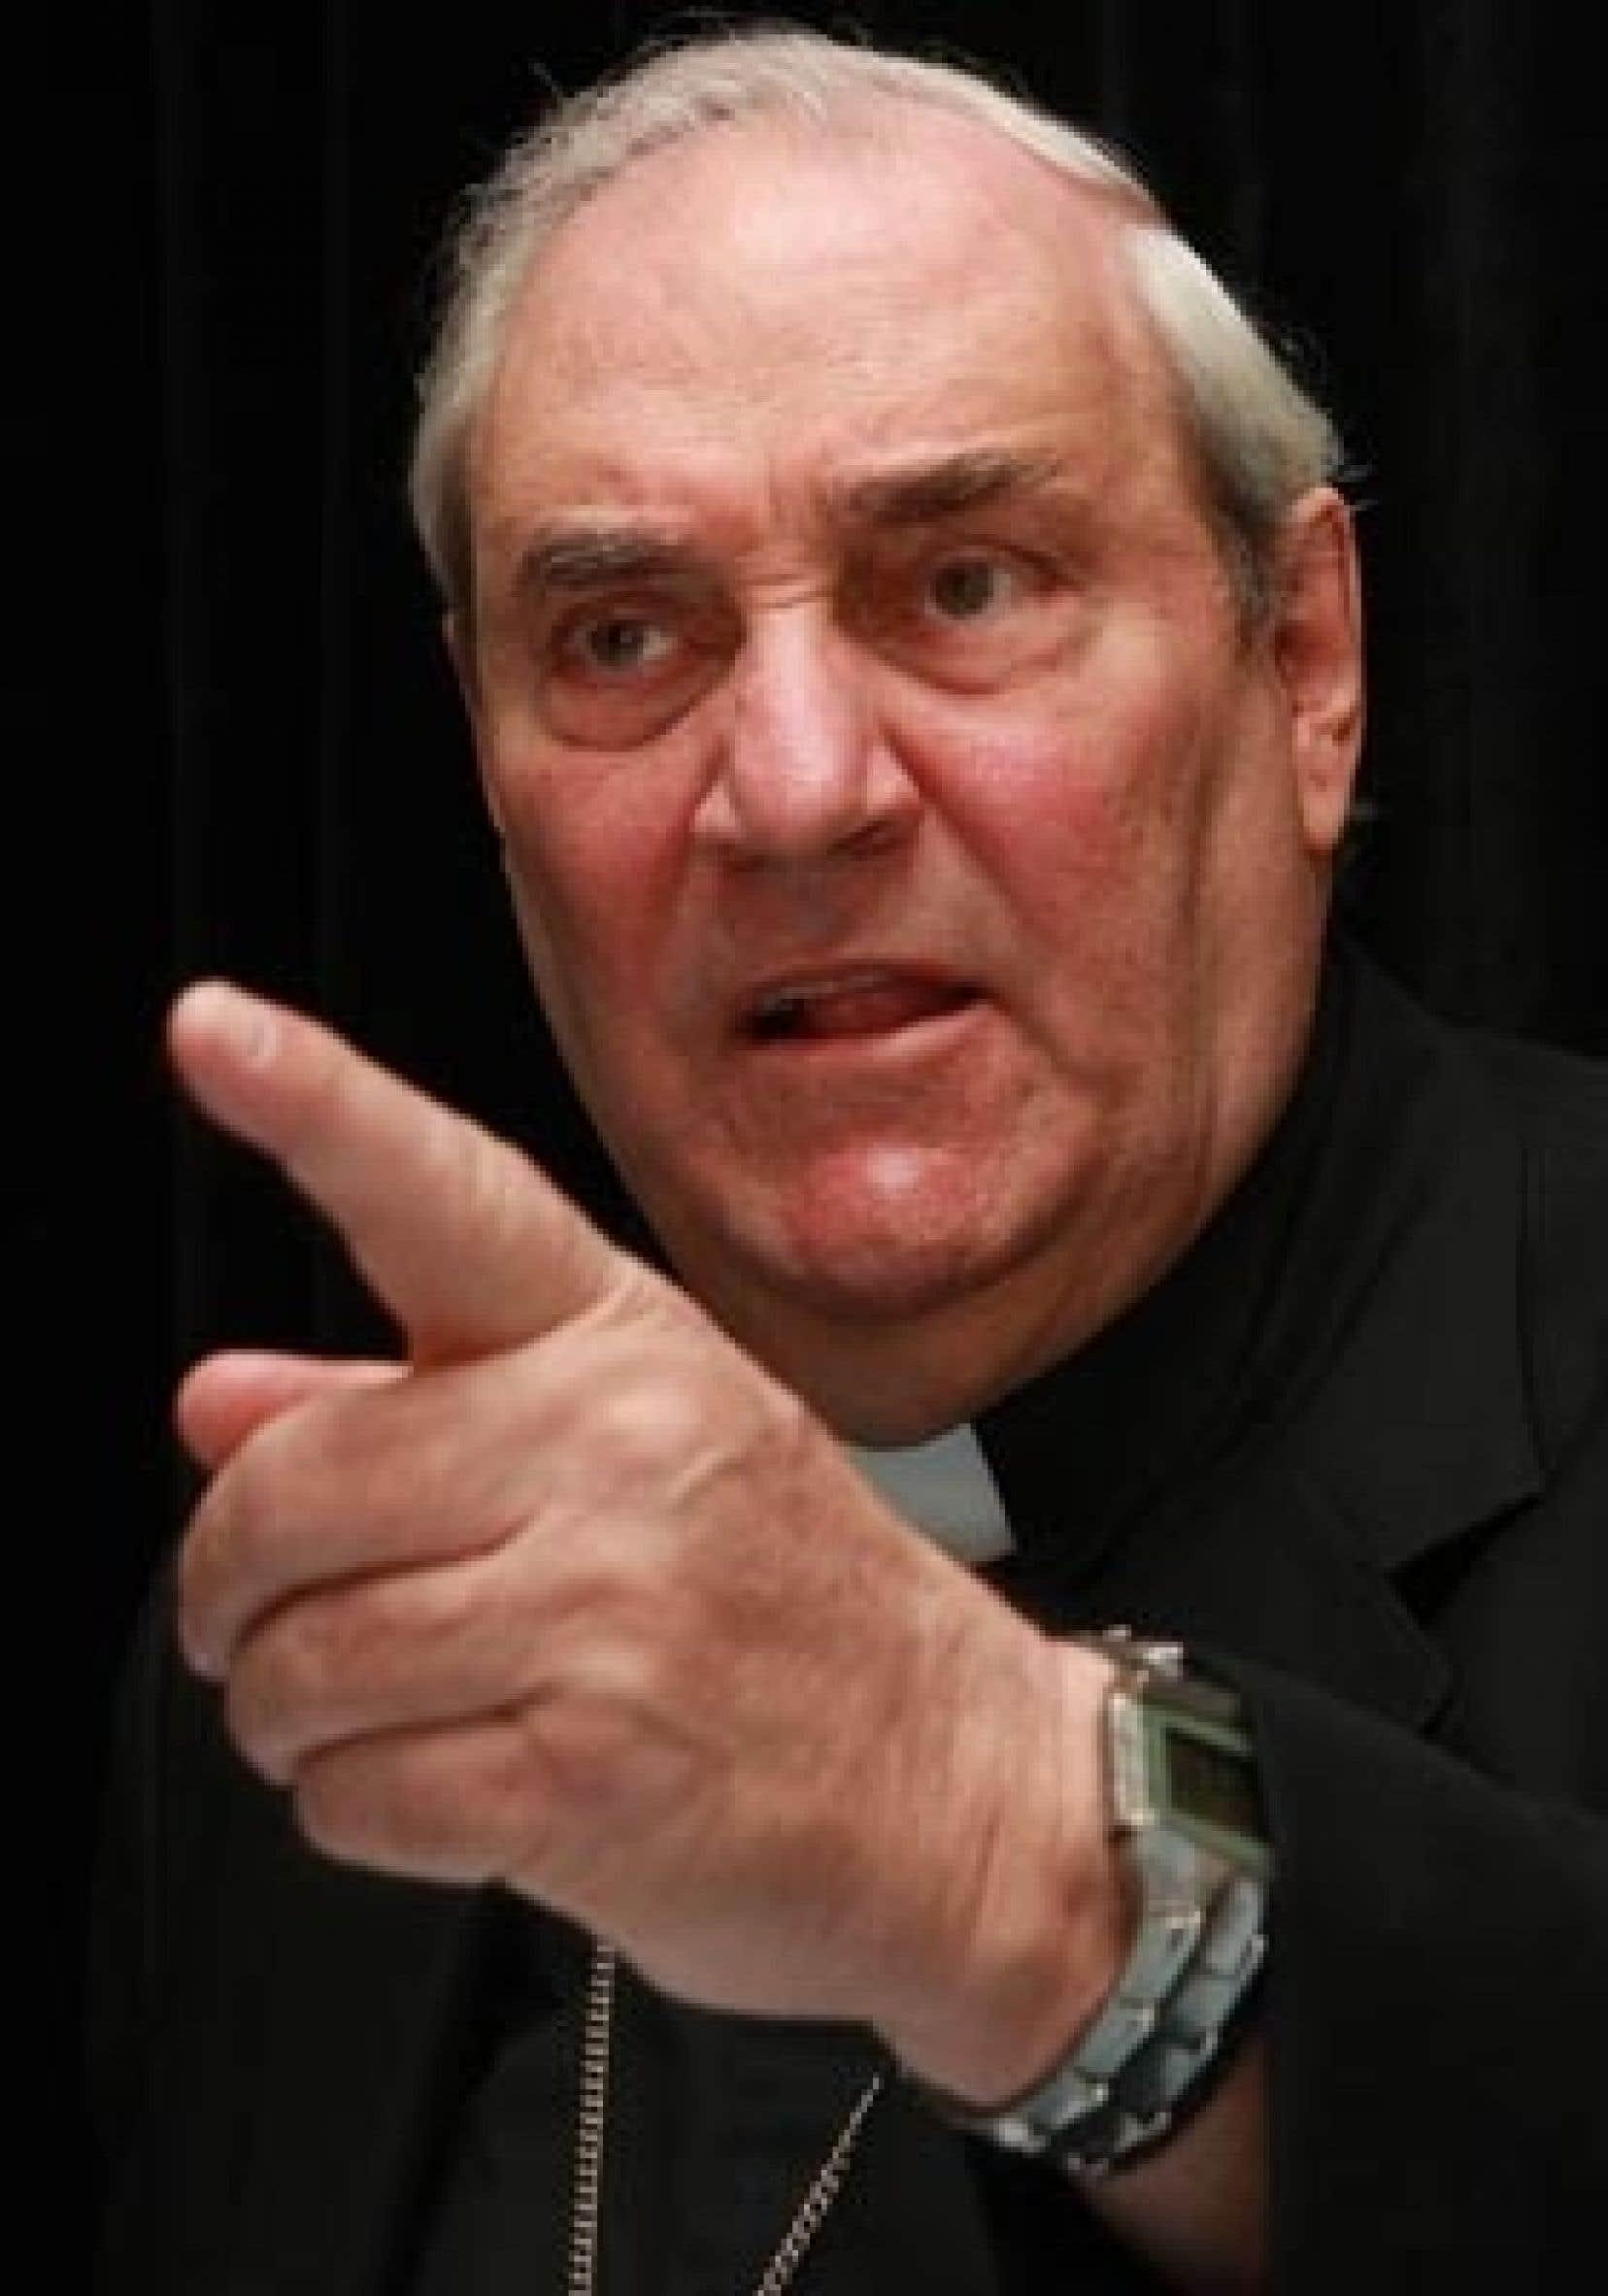 Le cardinal Jean-Claude Turcotte, archevêque de Montréal, est accusé par le site LifeSiteNews d'être «en contradiction avec les enseignements de l'Église catholique sur l'avortement et sur le condom».